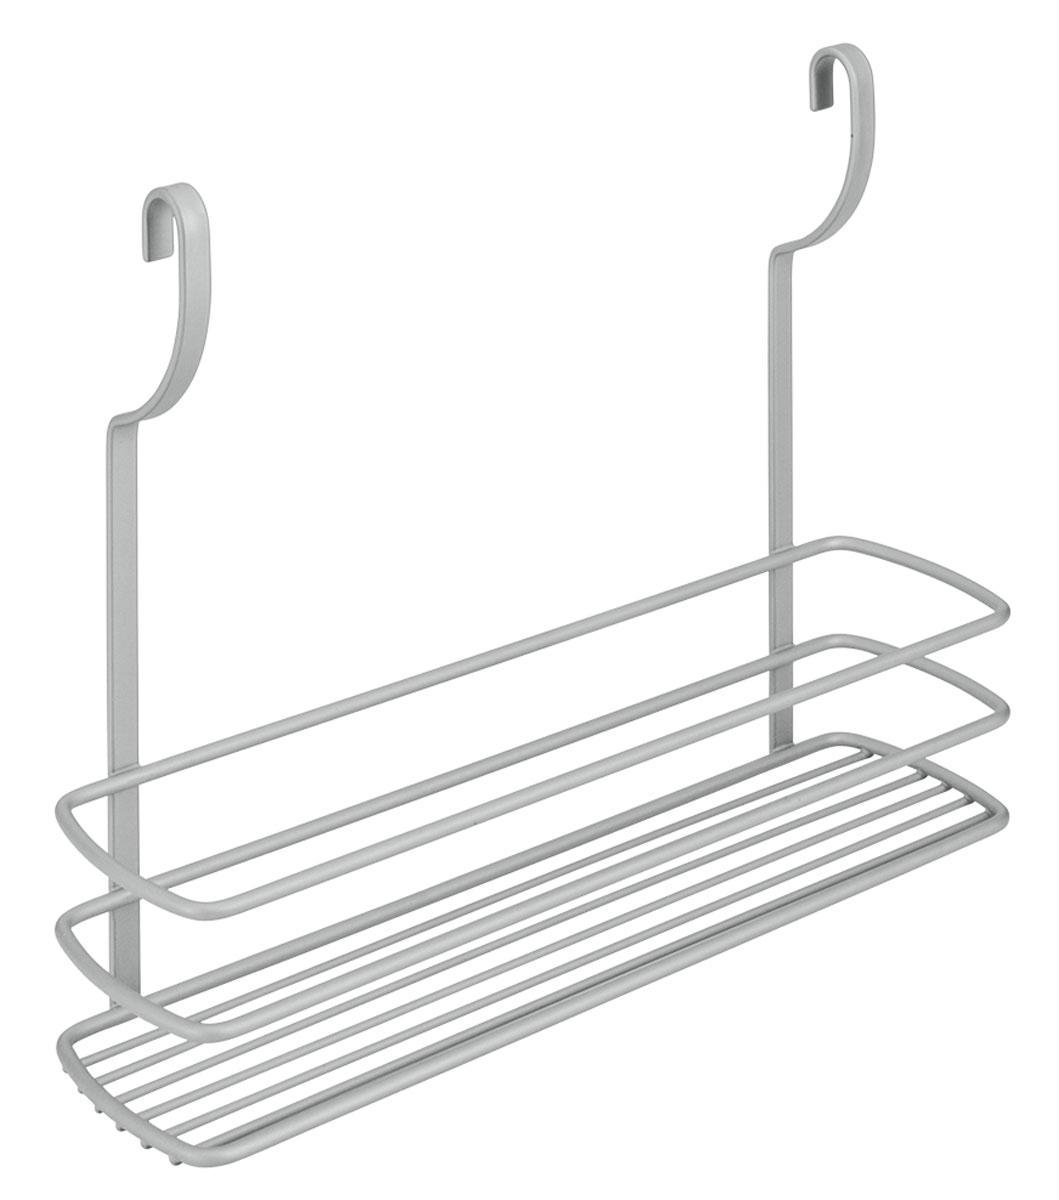 Полка навесная Metaltex City, 35 х 9 х 26 смВетерок 2ГФНавесная полка Metaltex City изготовлена из стали и покрыта новым полимерным покрытием Frost Polytherm. Такая полка не только экономит место на вашей кухне, но и обеспечивает наглядность, порядок и удобный доступ к кухонным принадлежностям.Современный дизайн делает ее практичным и стильным домашним аксессуаром. Она пригодится для хранения различных кухонных или других принадлежностей, которые всегда будут под рукой.Полка устанавливается на рейлинг с помощь двух крючков.